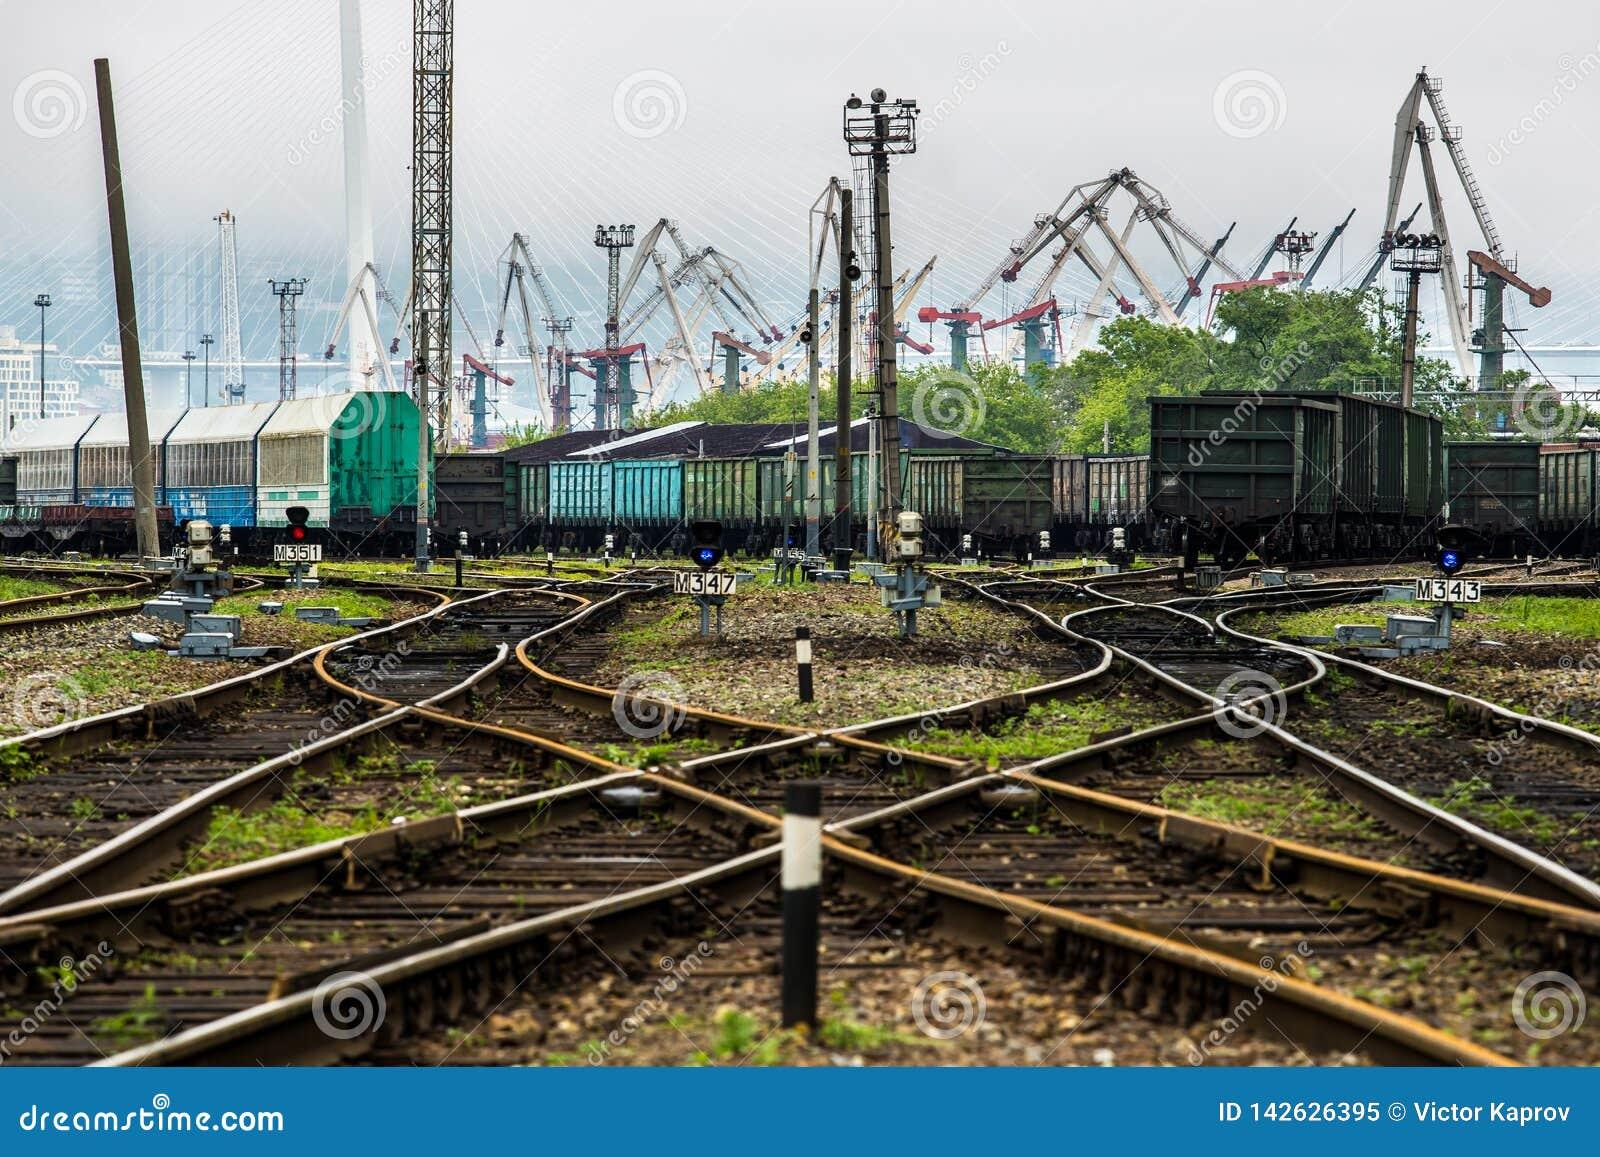 Trilhas de estrada de ferro e o porto no fundo